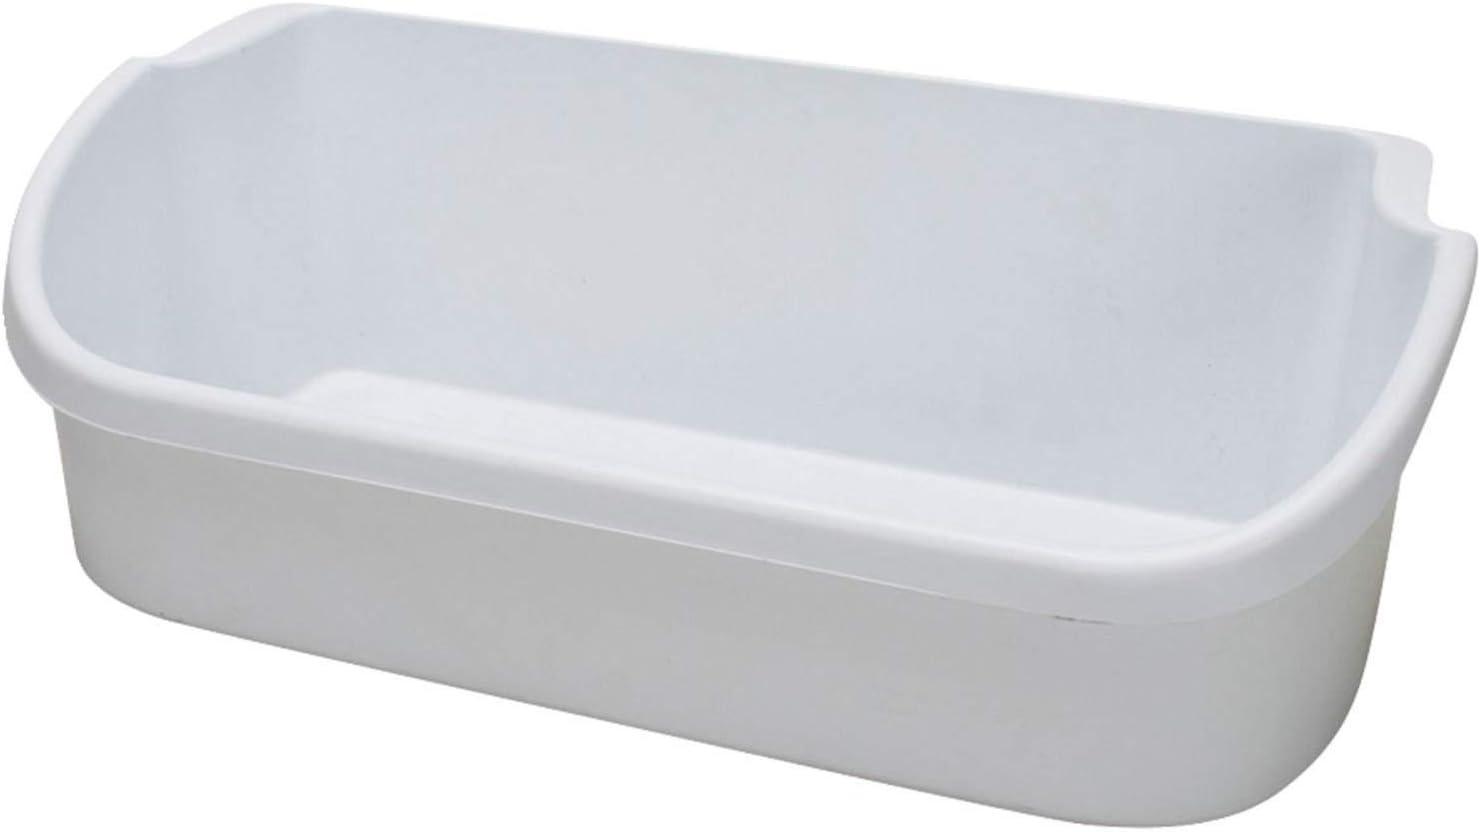 240338001 Refrigerator Door Bin Shelf Replacement for Frigidaire FRT21S6AW5 Refrigerator Compatible with AP2115859 Door Bin